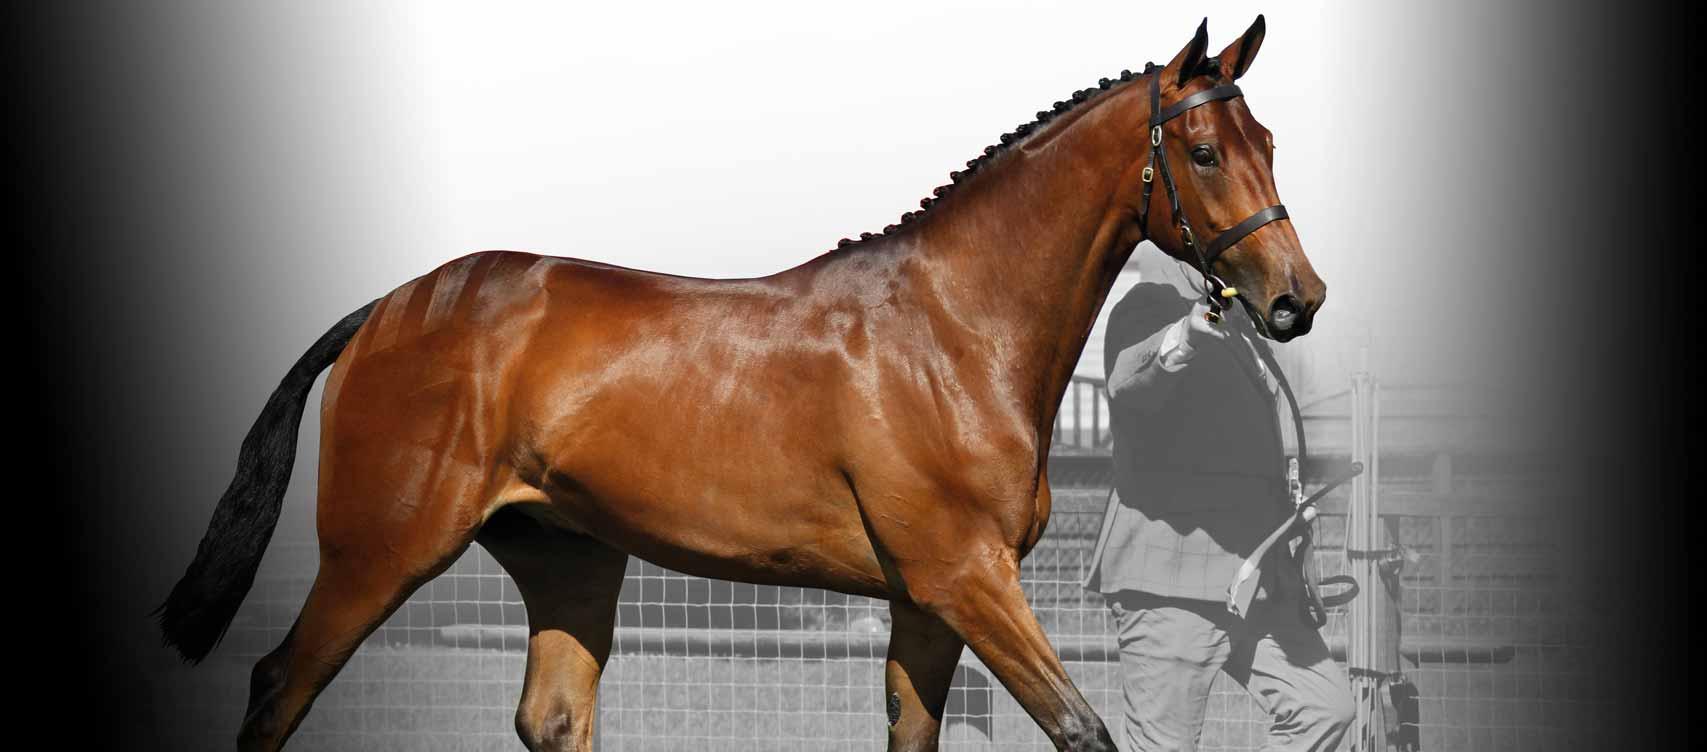 Ons doel is om u te helpen uw paard  zijn huidconditie te onderhouden